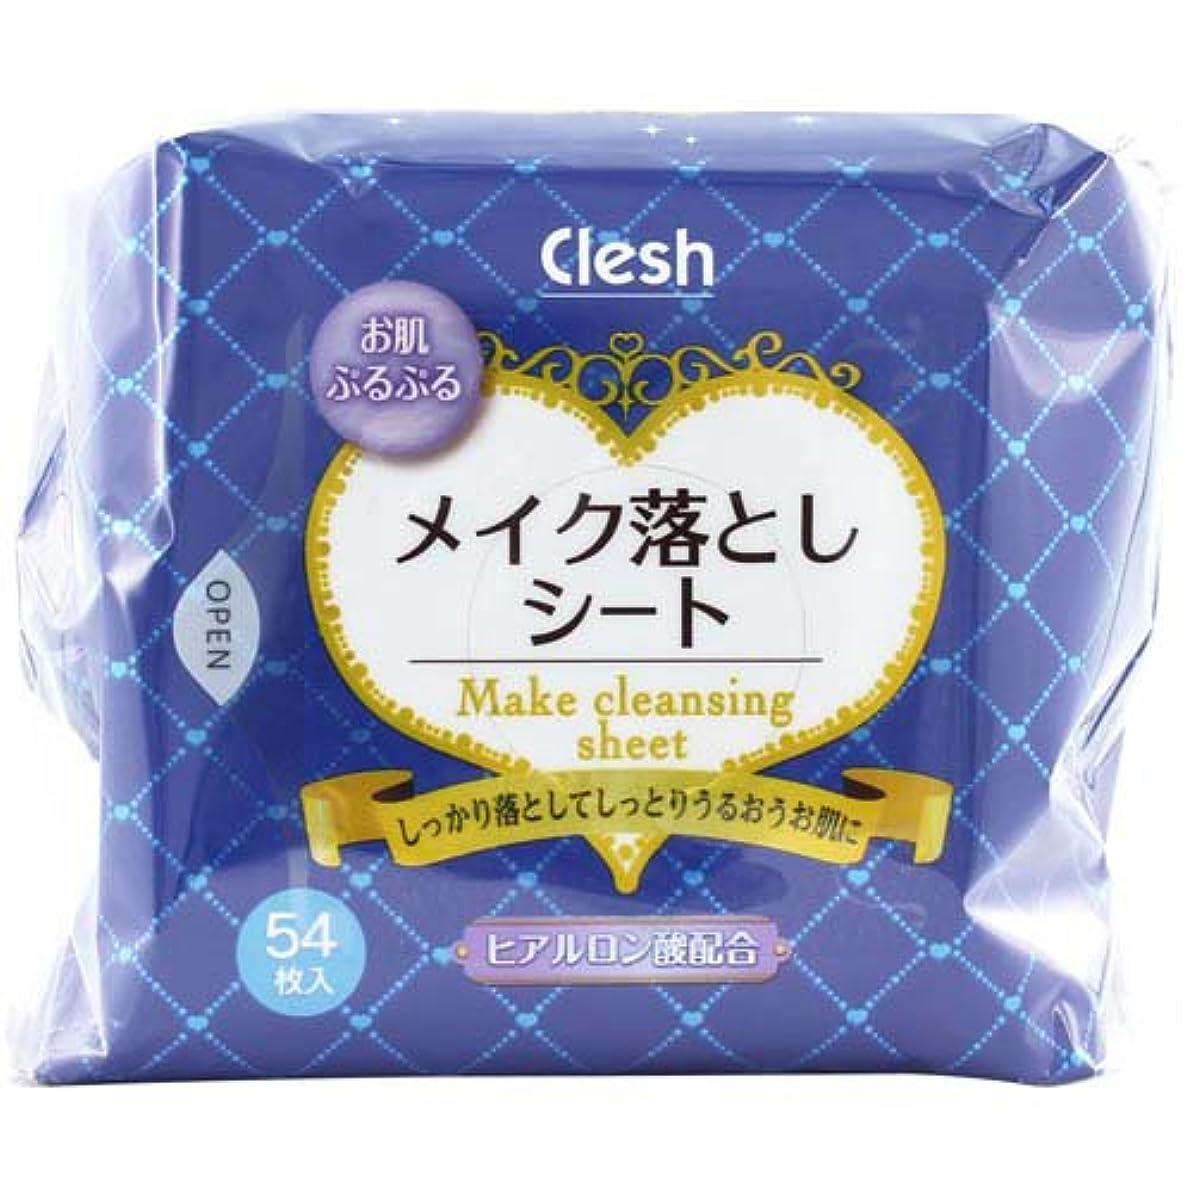 無しボーカル外側Clesh(クレシュ) メイク落としシート ヒアルロン酸配合 54枚